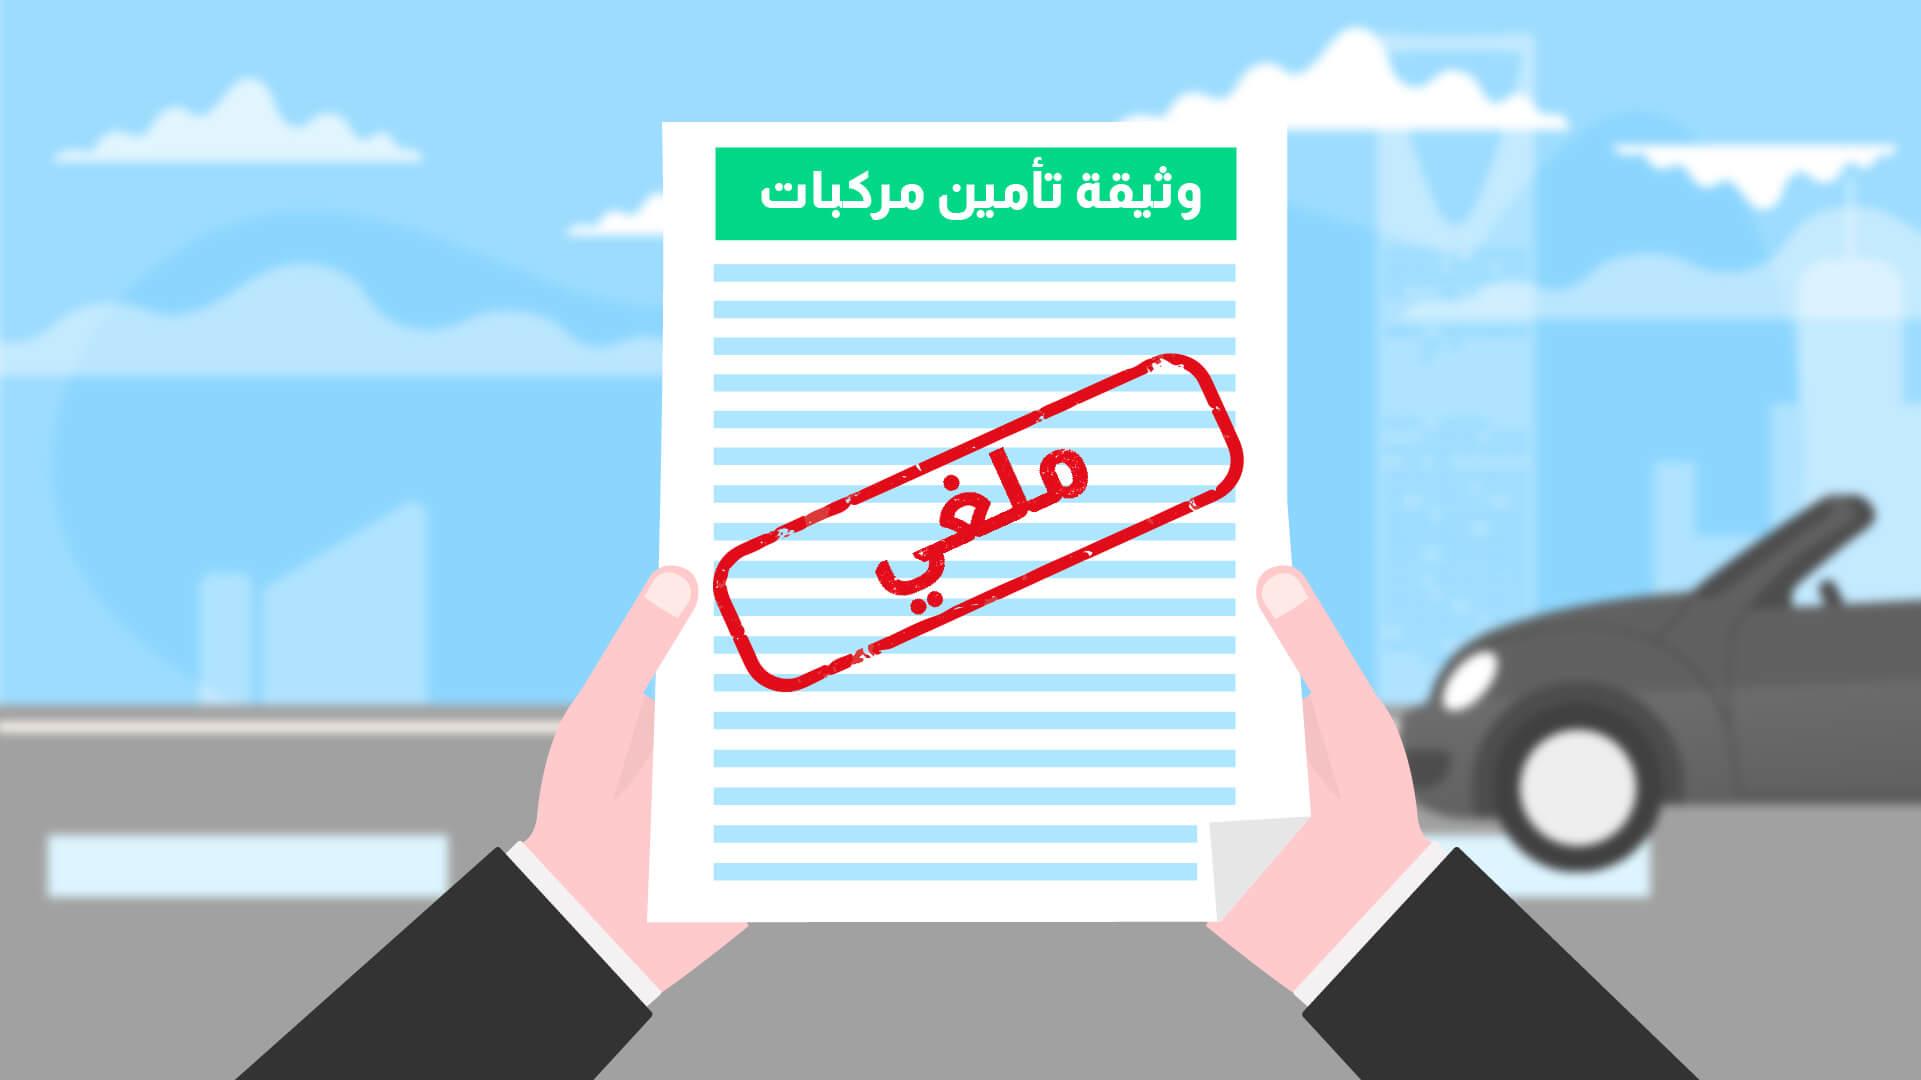 كل ما تريد معرفته عن إلغاء تأمين السيارة في السعودية